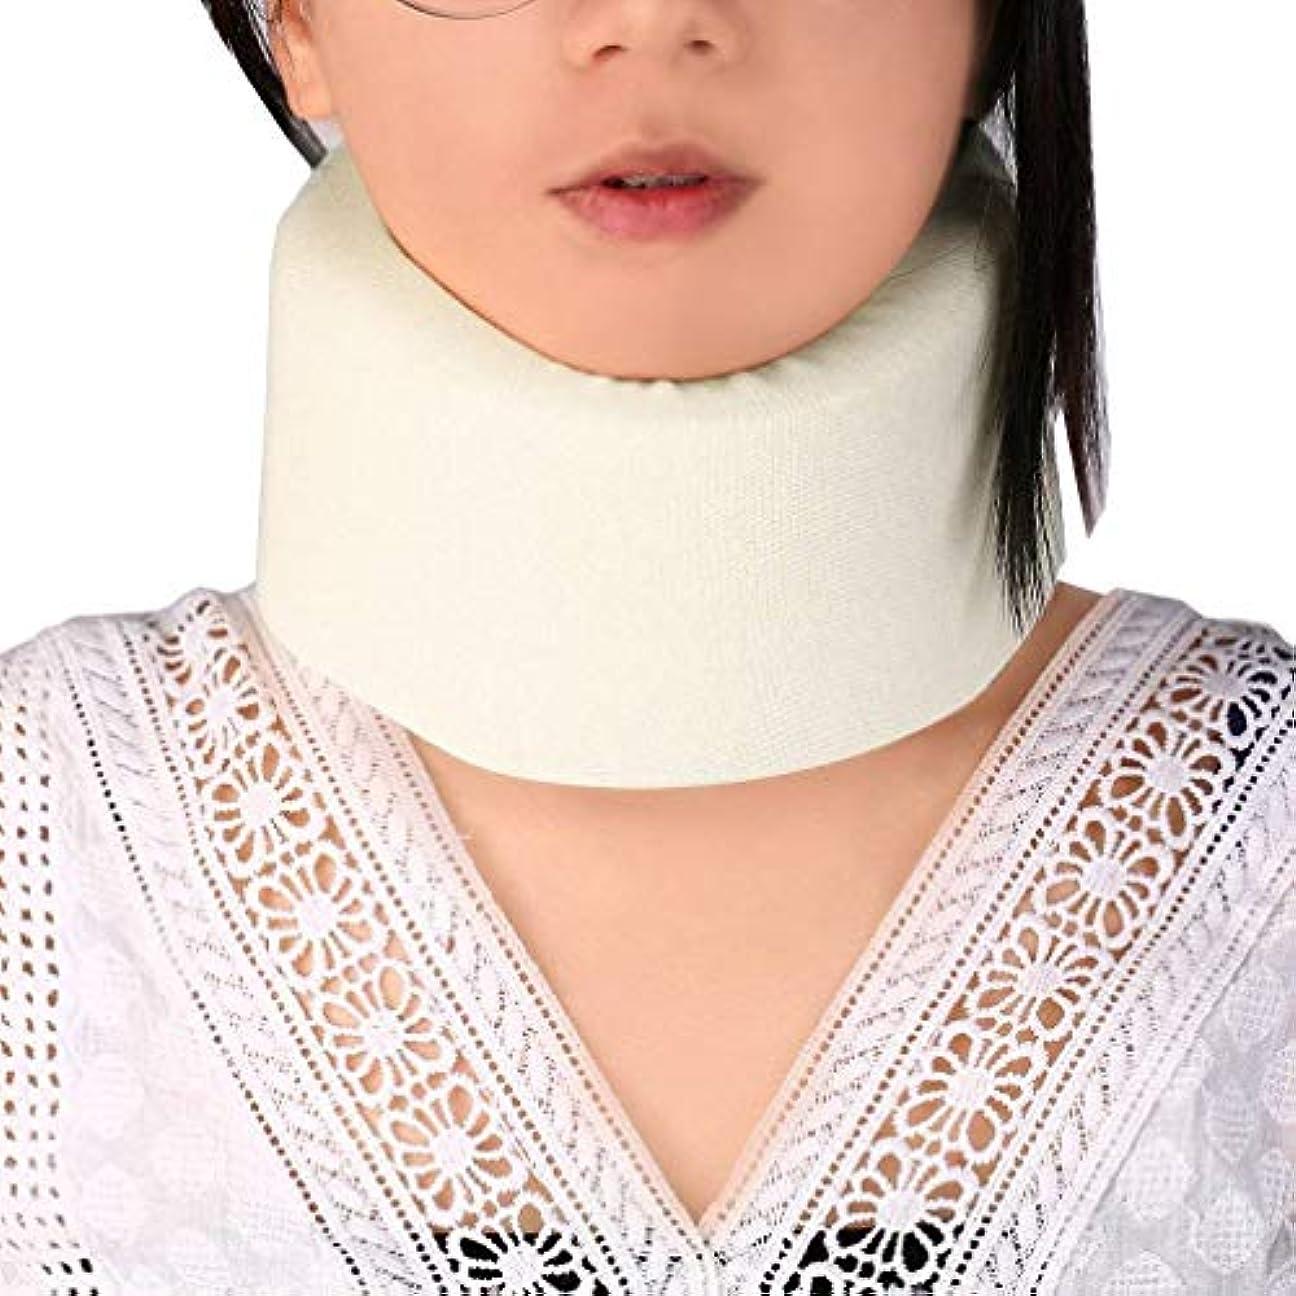 長々とご覧くださいストロークOral Dentistry 首 サポーター ソフト 頸椎 首こり ソフト頸椎カラー 肩の痛みの軽減 着脱 簡単 男女兼用 ホワイト